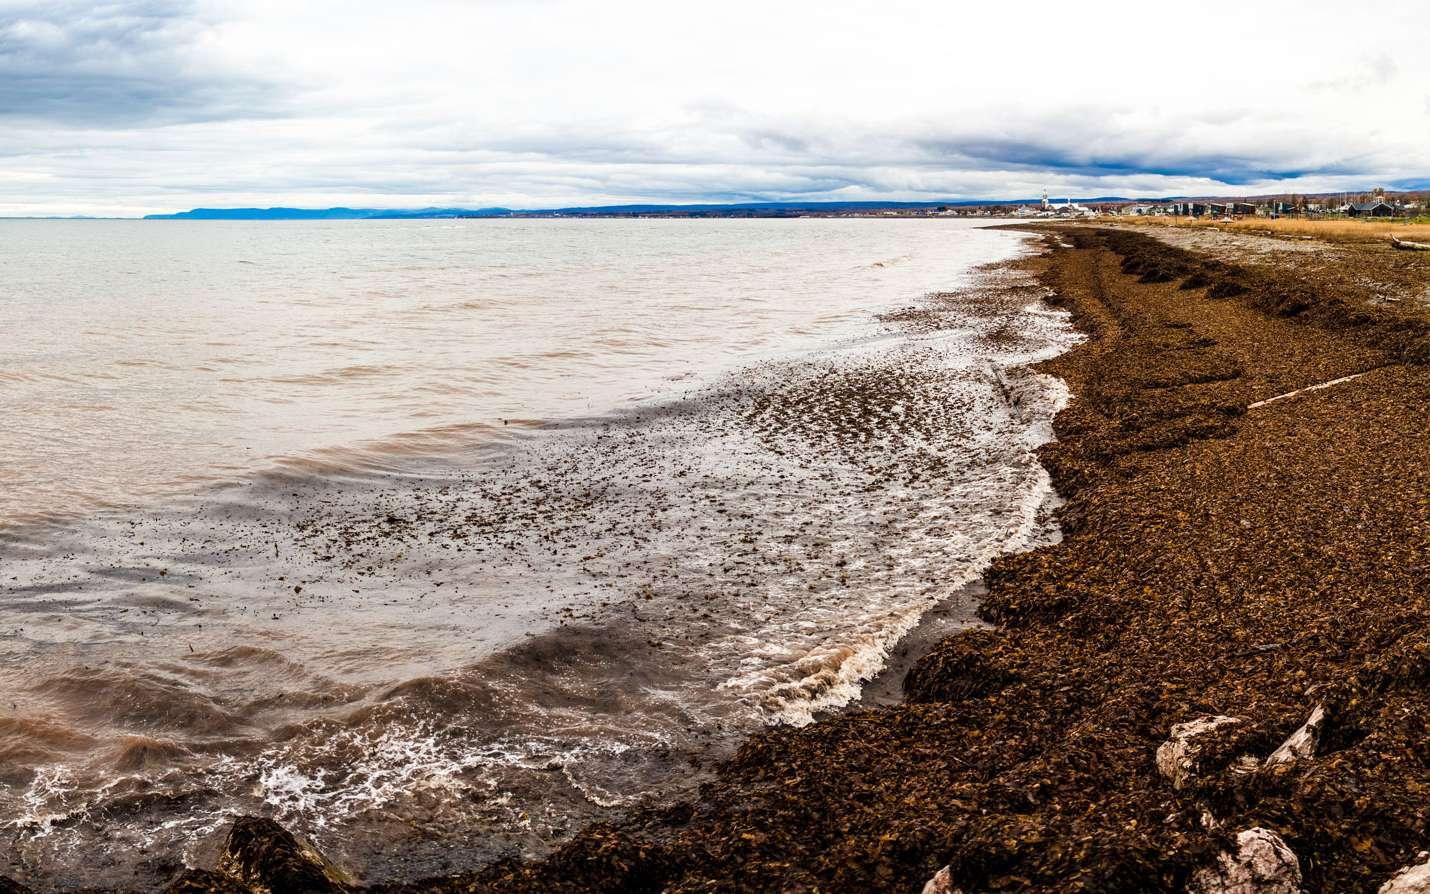 Panorama d'une plage recouverte d'algues en Gaspésie ©aetb